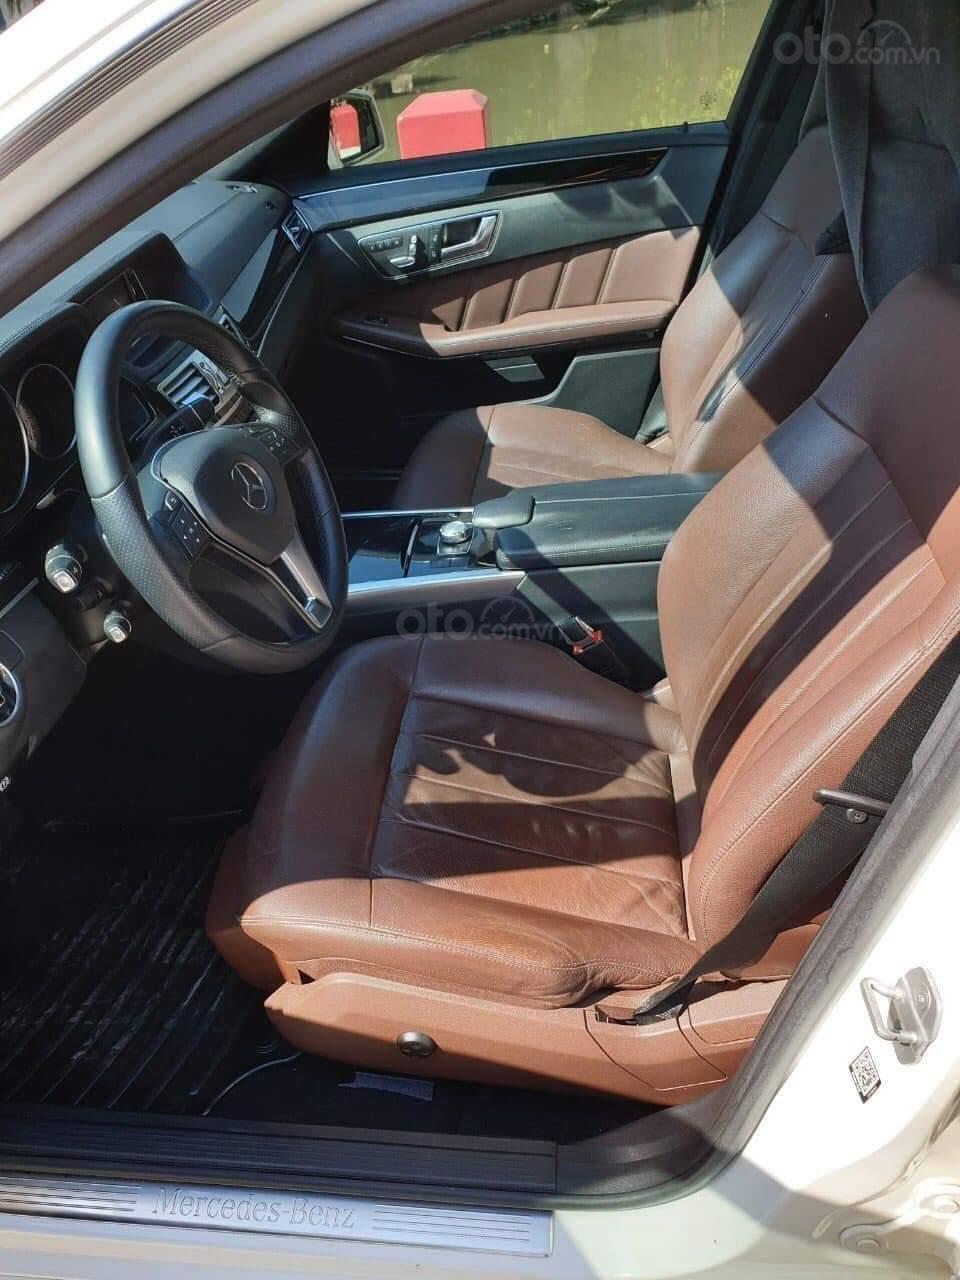 Bán xe Mercedes E250 đời 2014, màu trắng chính chủ (6)